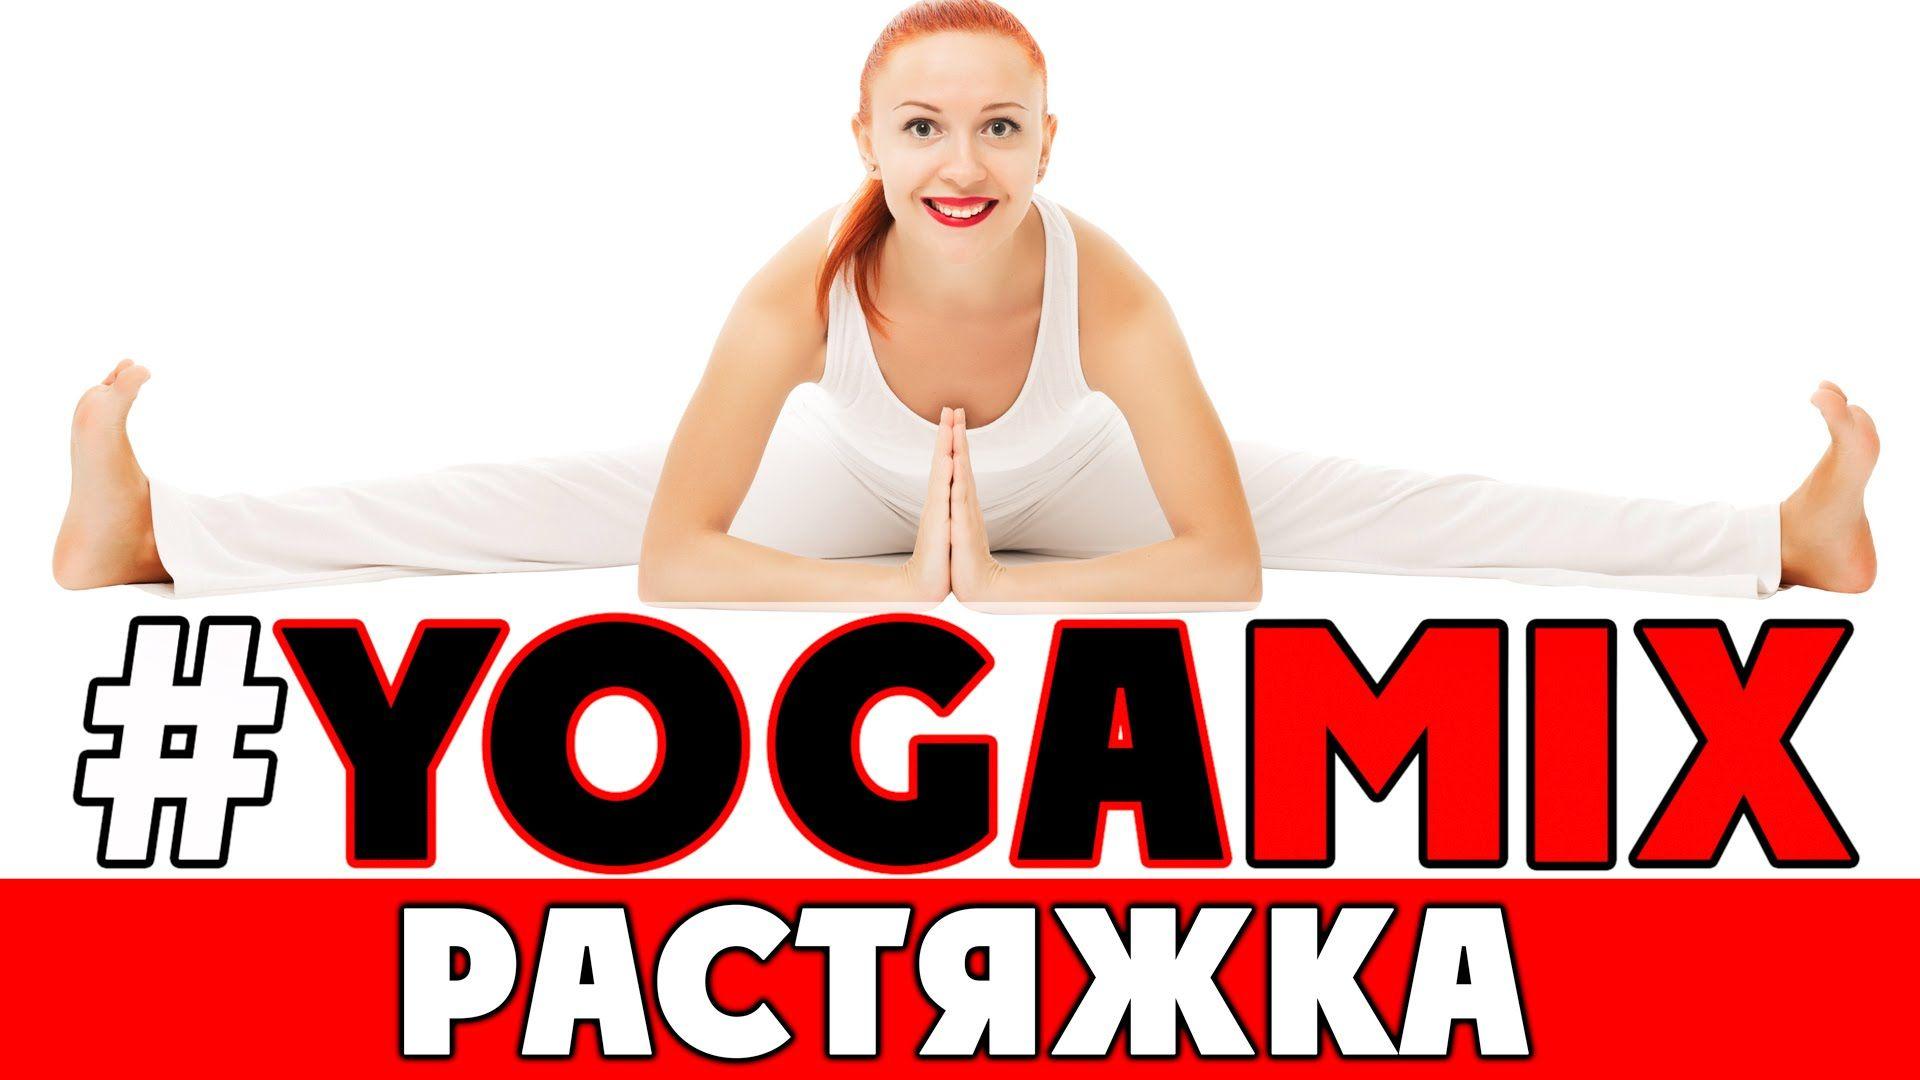 4 позы йоги для домашних тренировок, которые помогут похудеть картинки